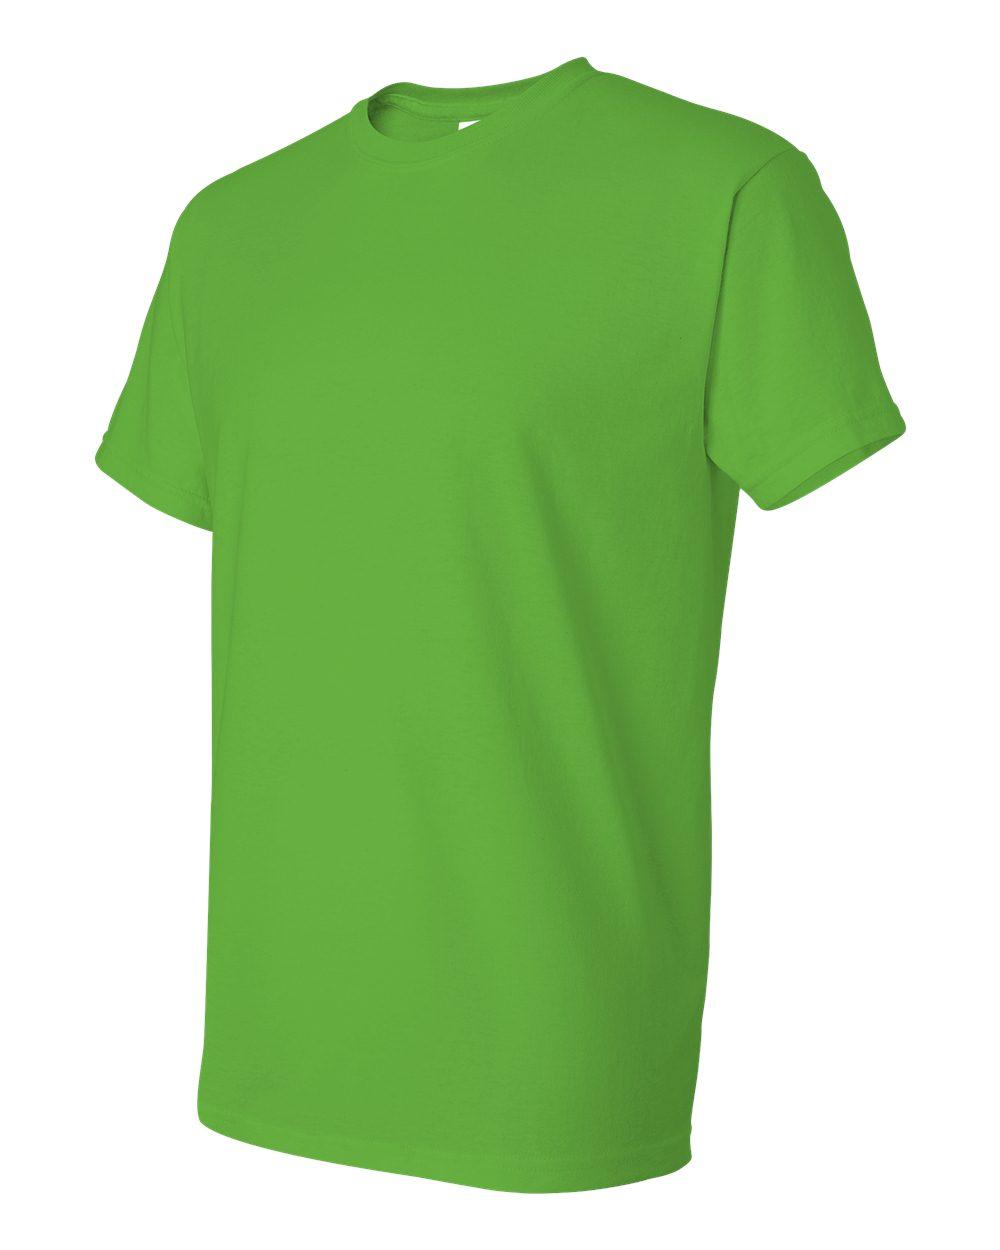 Gildan-Mens-DryBlend-5-6-oz-50-50-T-Shirt-G800-Size-S-5XL thumbnail 23